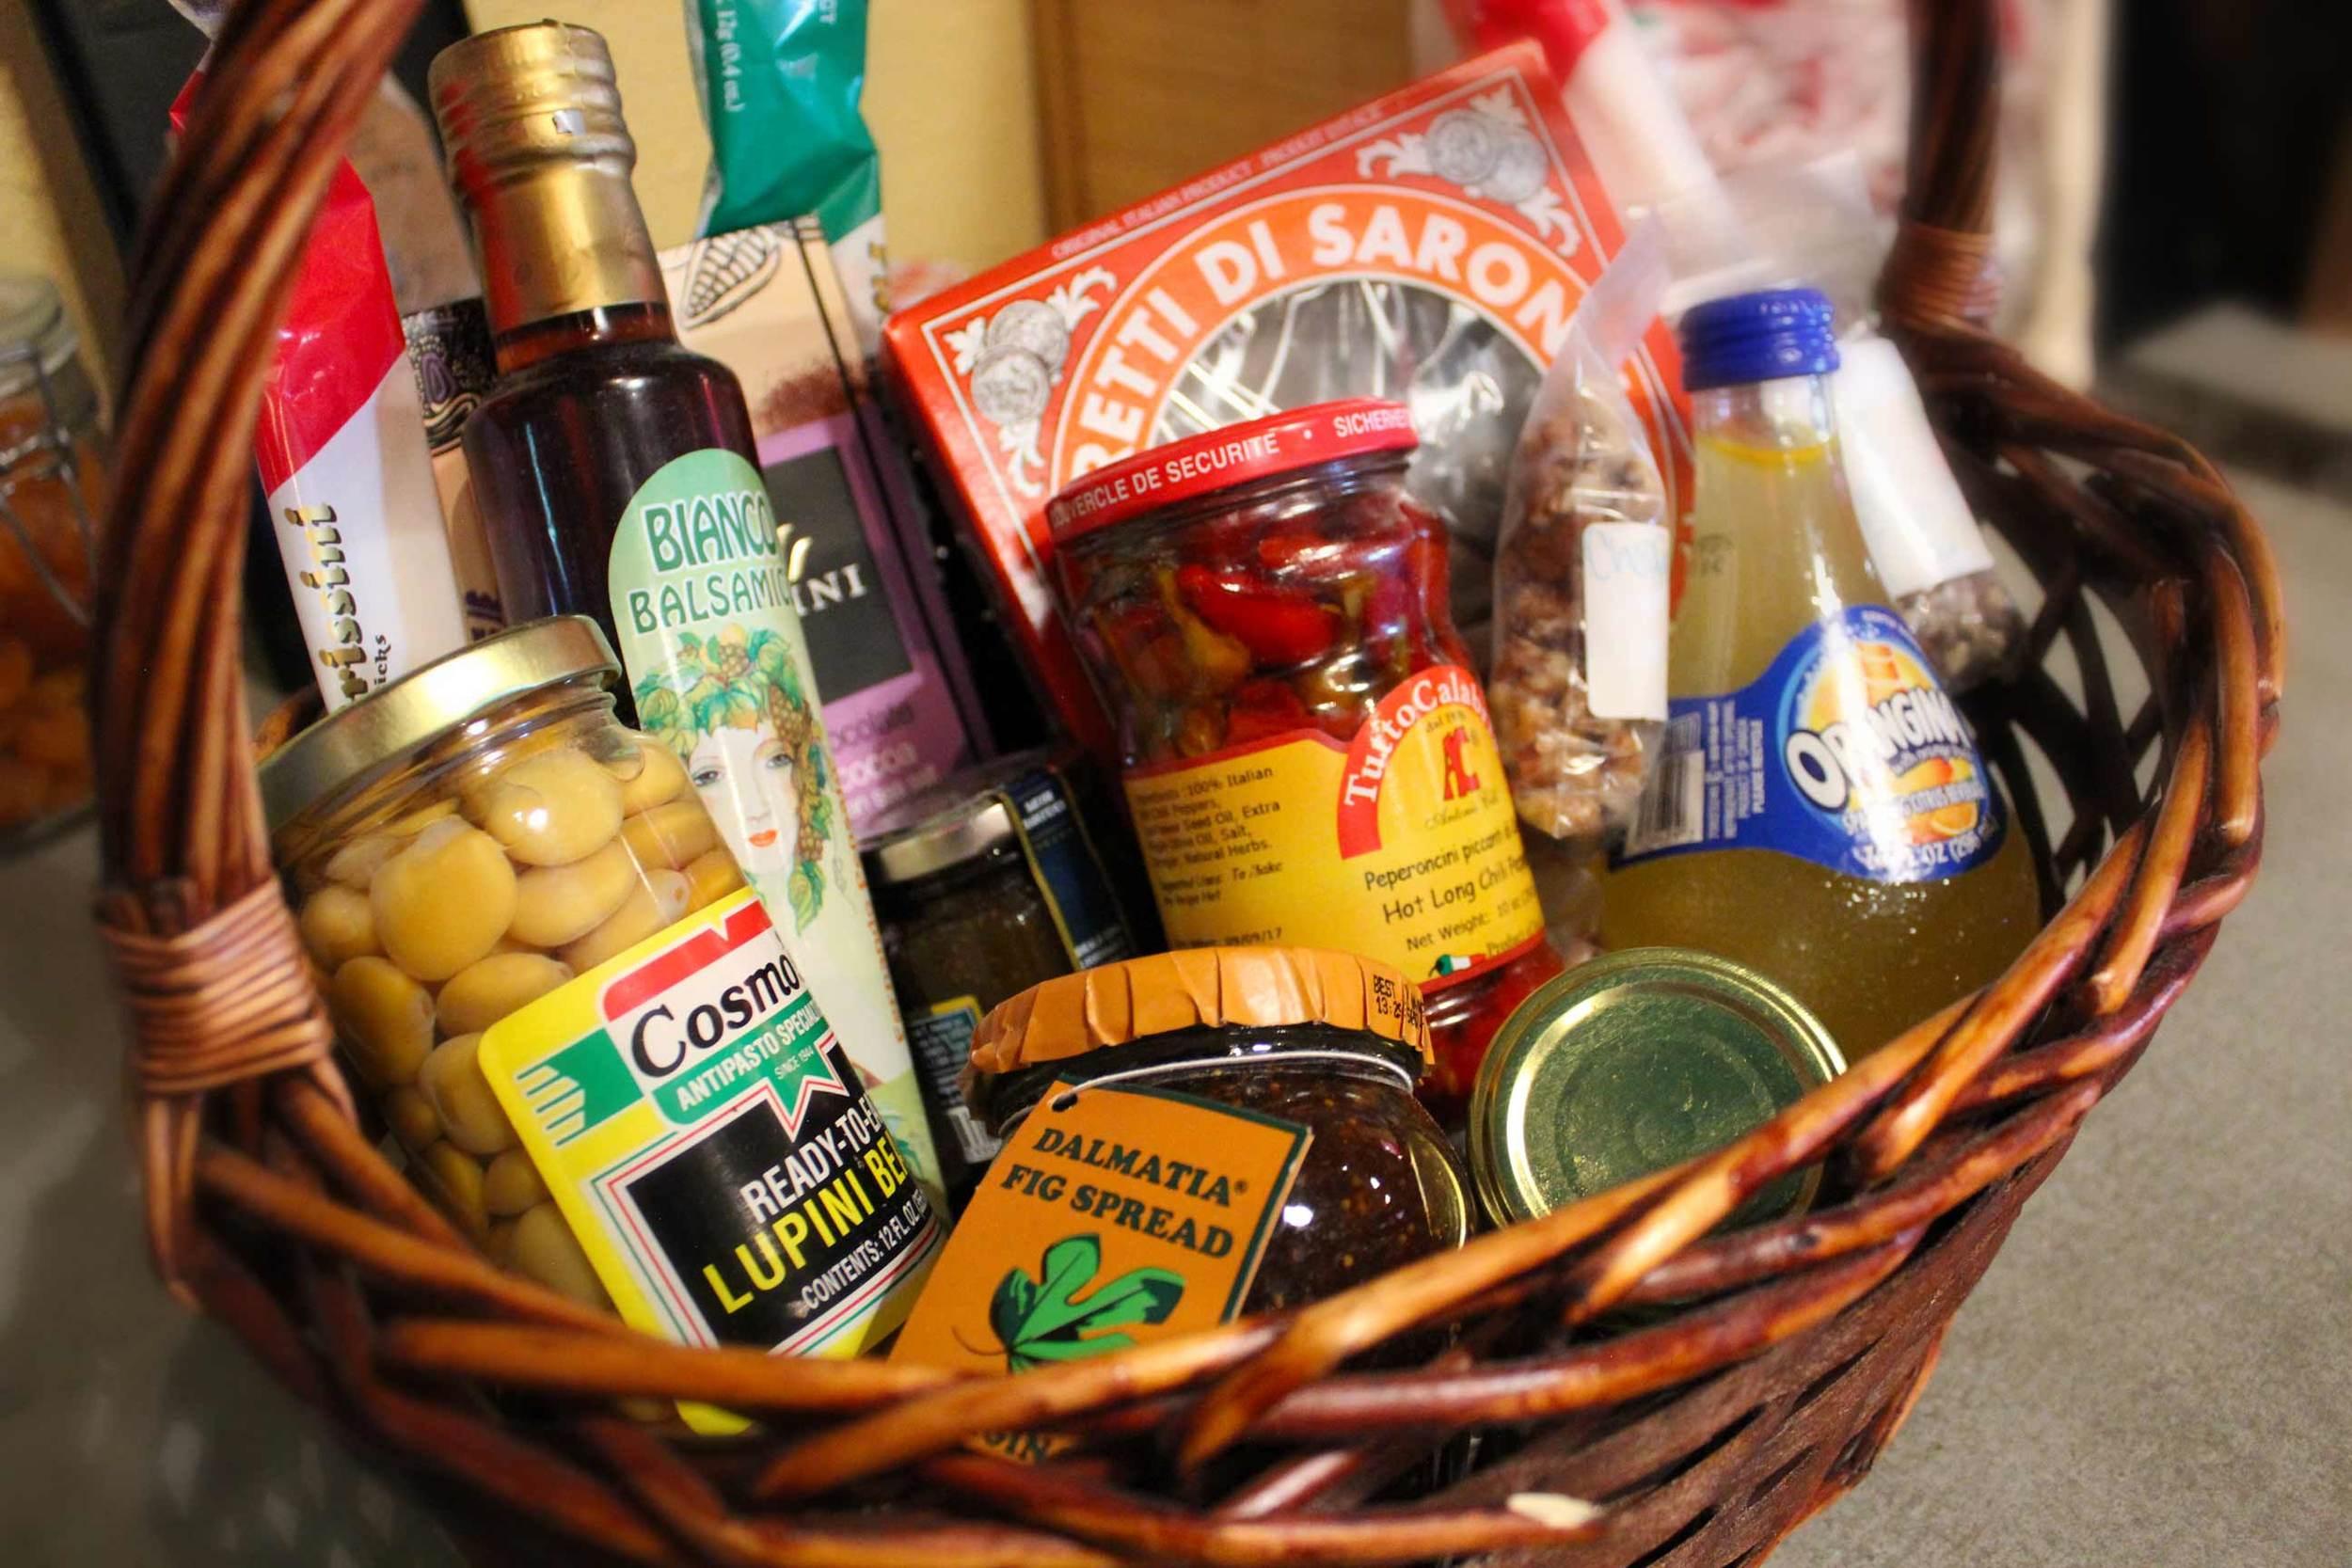 IMG_7096_Mtuccis_Gift_Basket.jpg